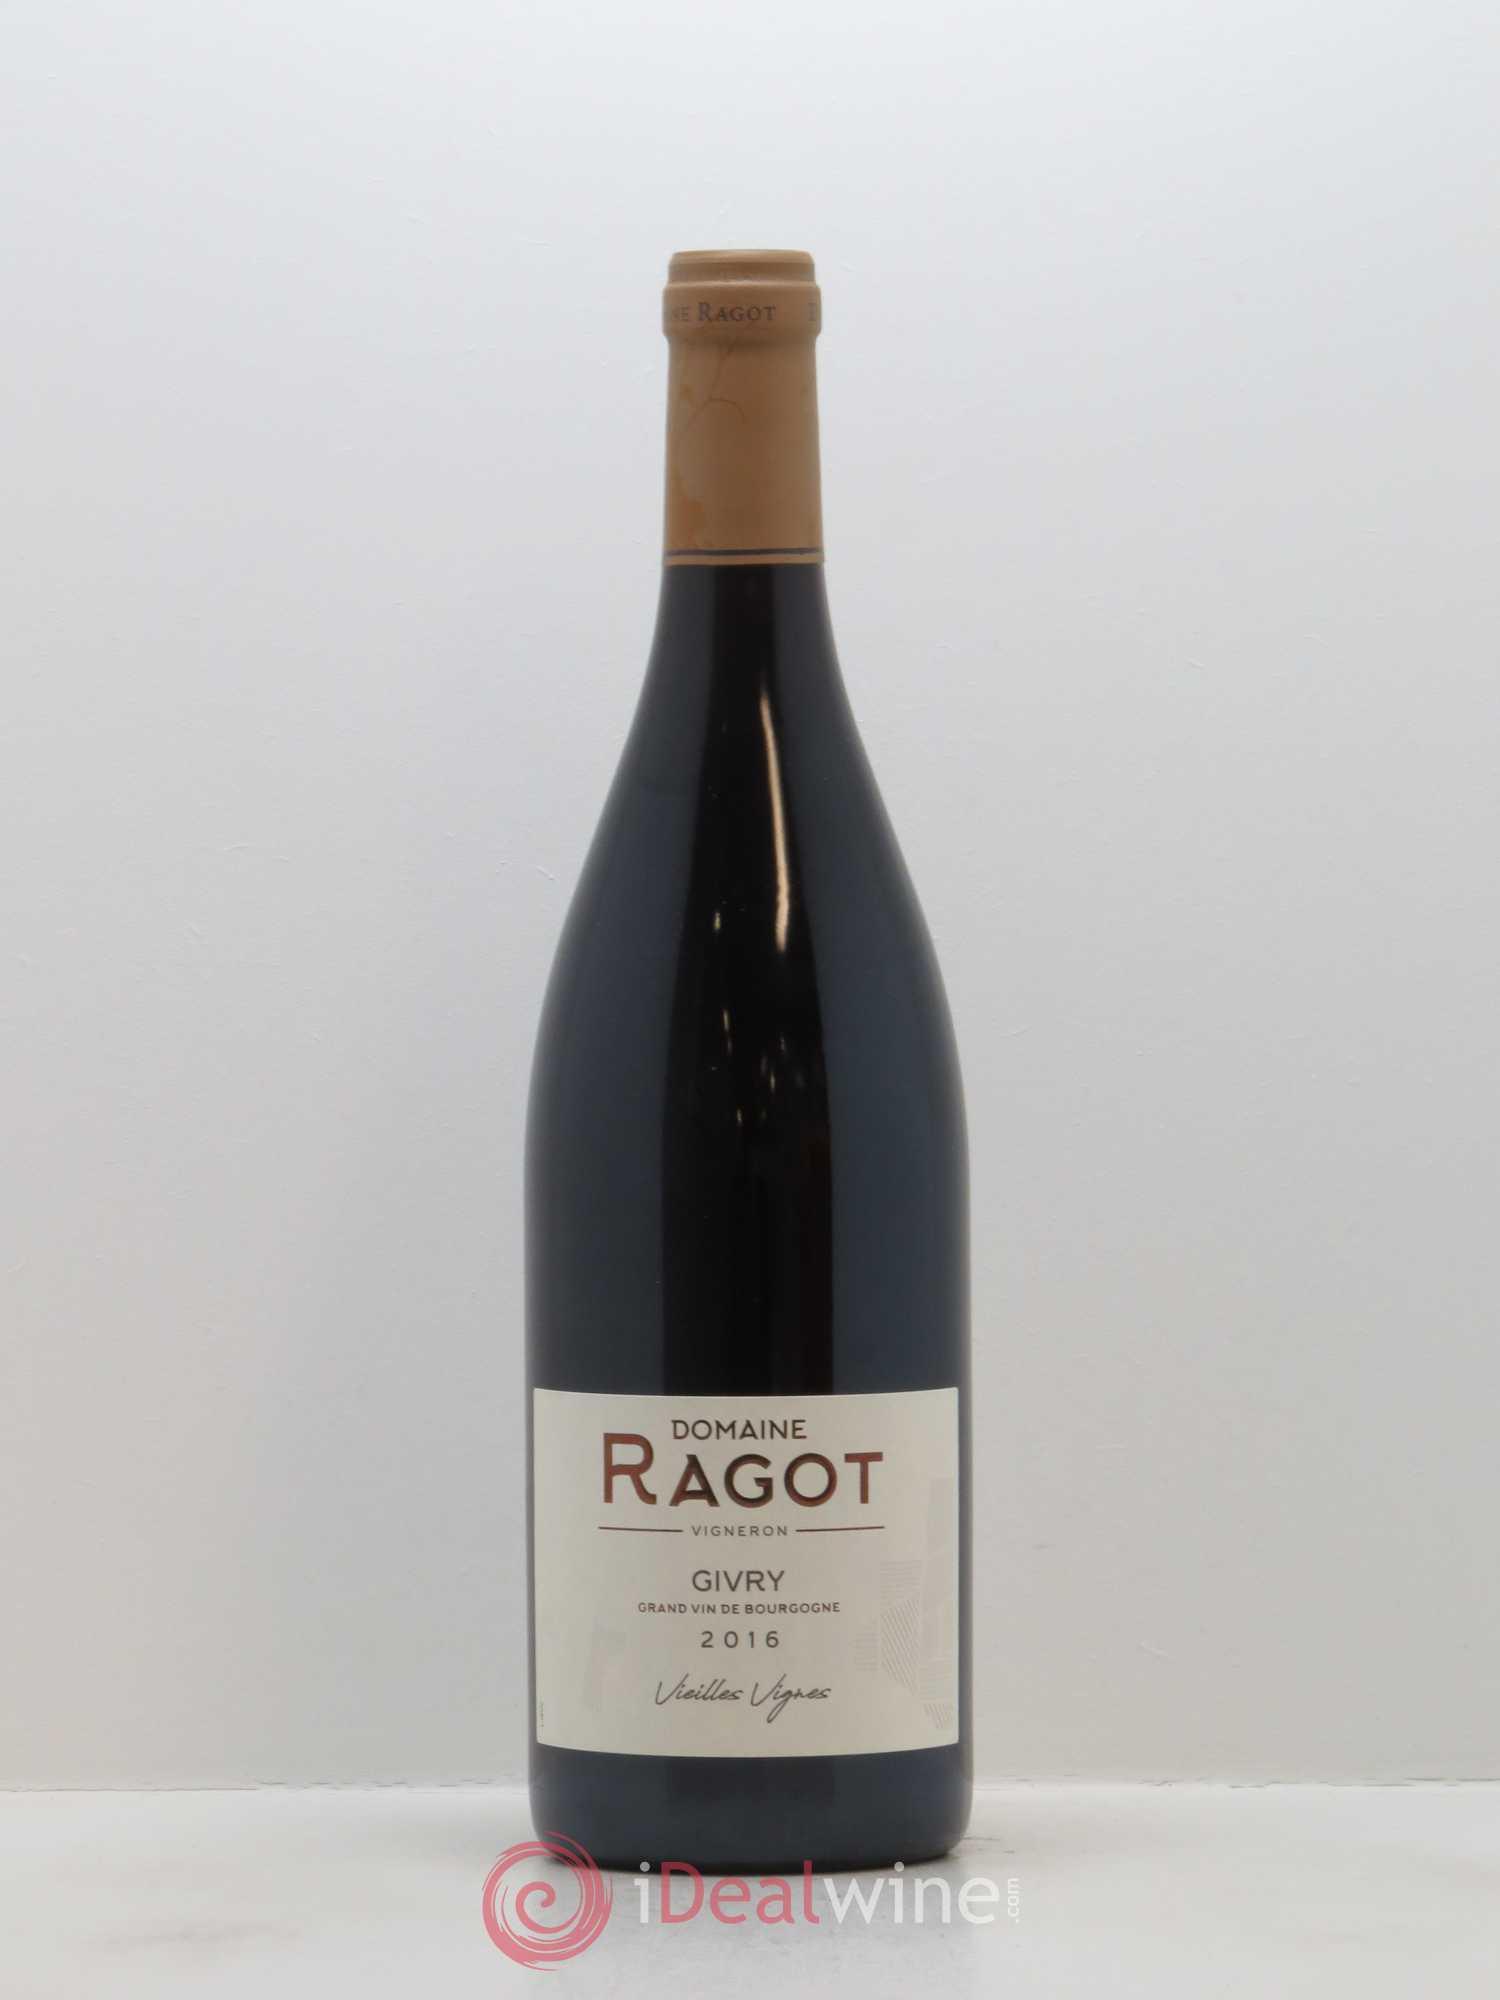 Givry Vieilles Vignes Ragot (Domaine) 2016  Lot Of 1